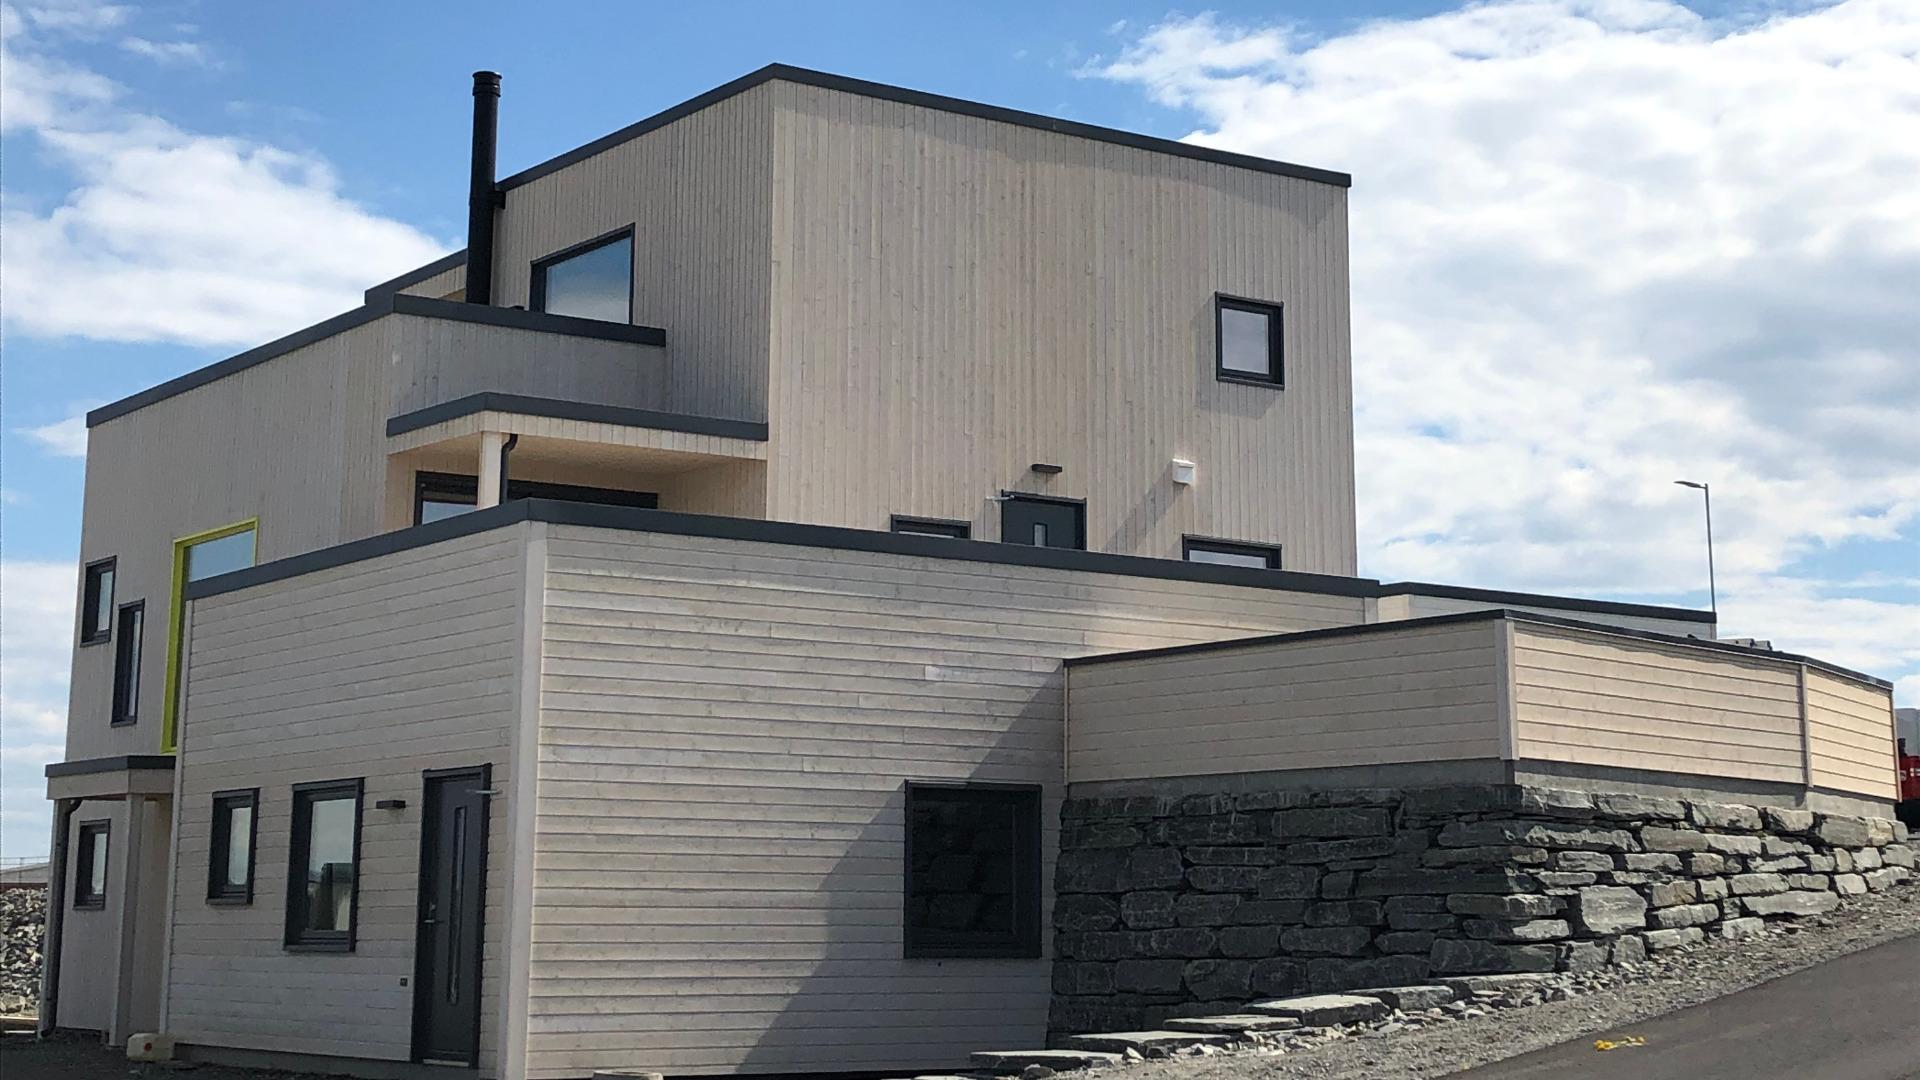 Med enkle endringer kan du få til en utleieenhet i denne boligen.